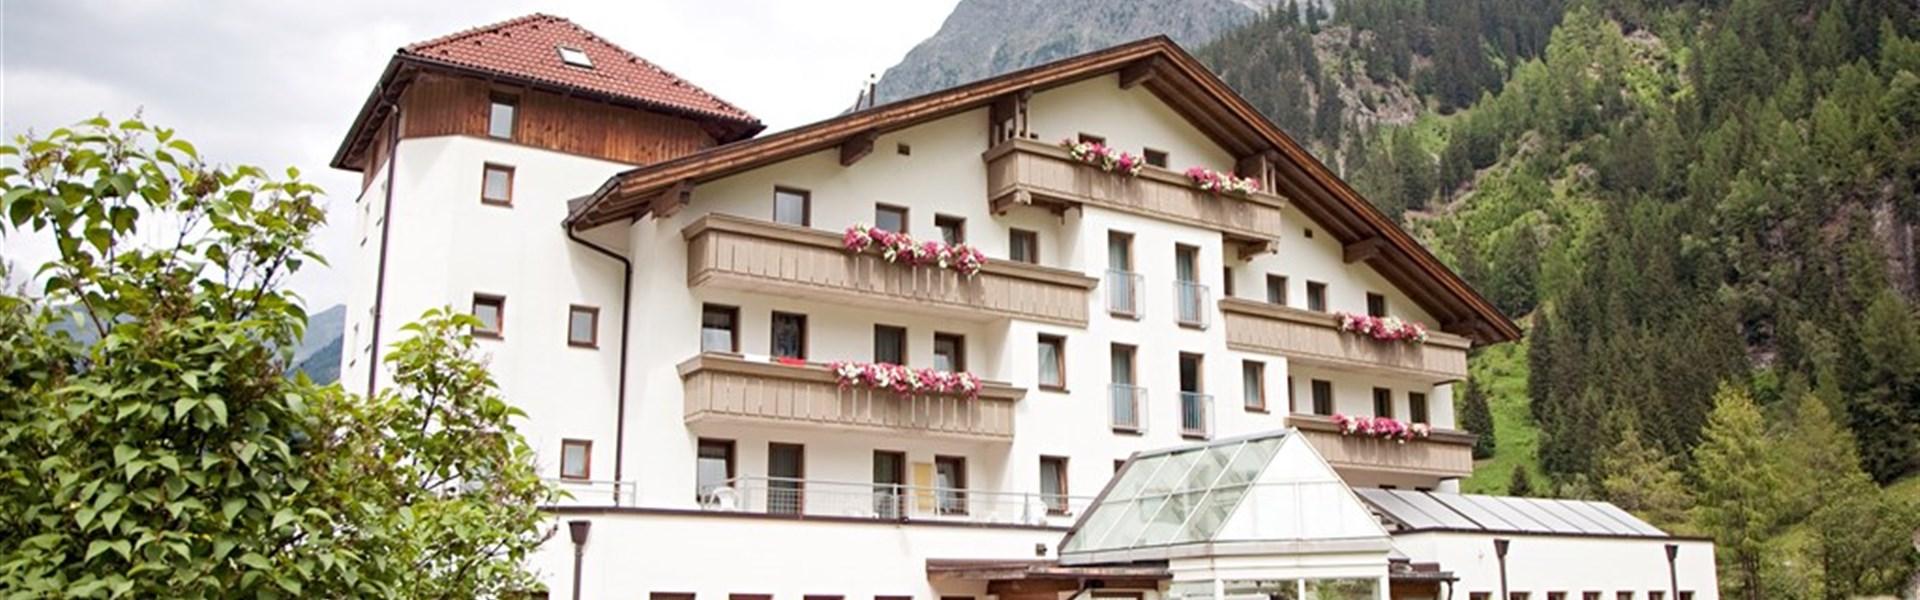 Marco Polo - Hotel Tia Monte -